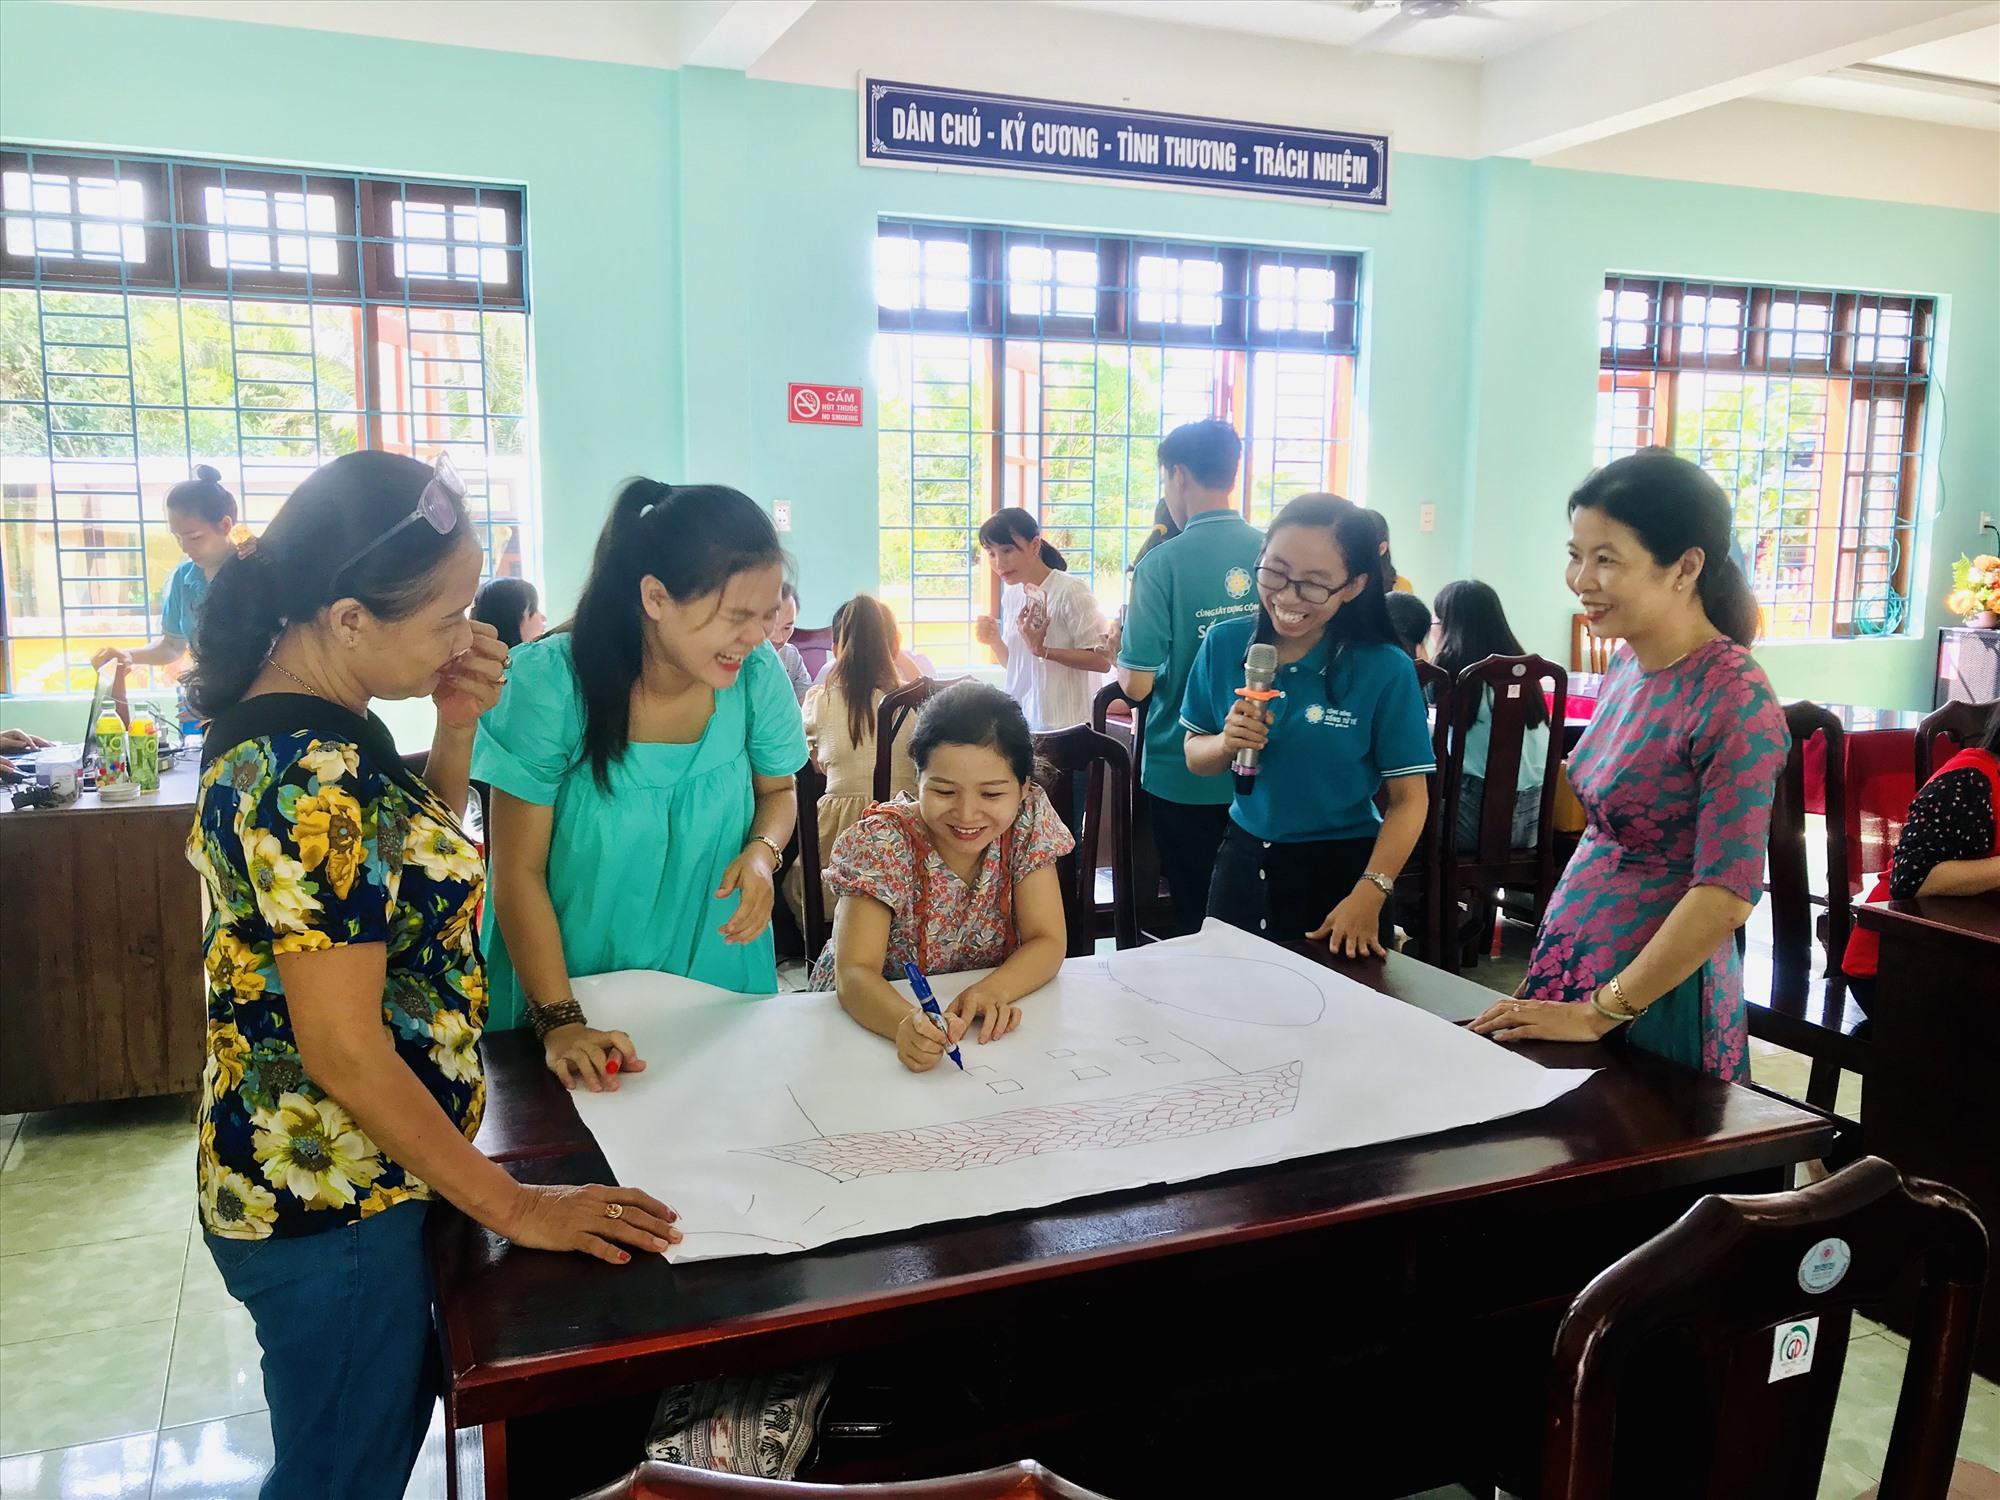 Giáo viên hào hứng khi tiếp cận các kỹ năng xây dựng ngôi trường hạnh phúc. Ảnh: Q.T